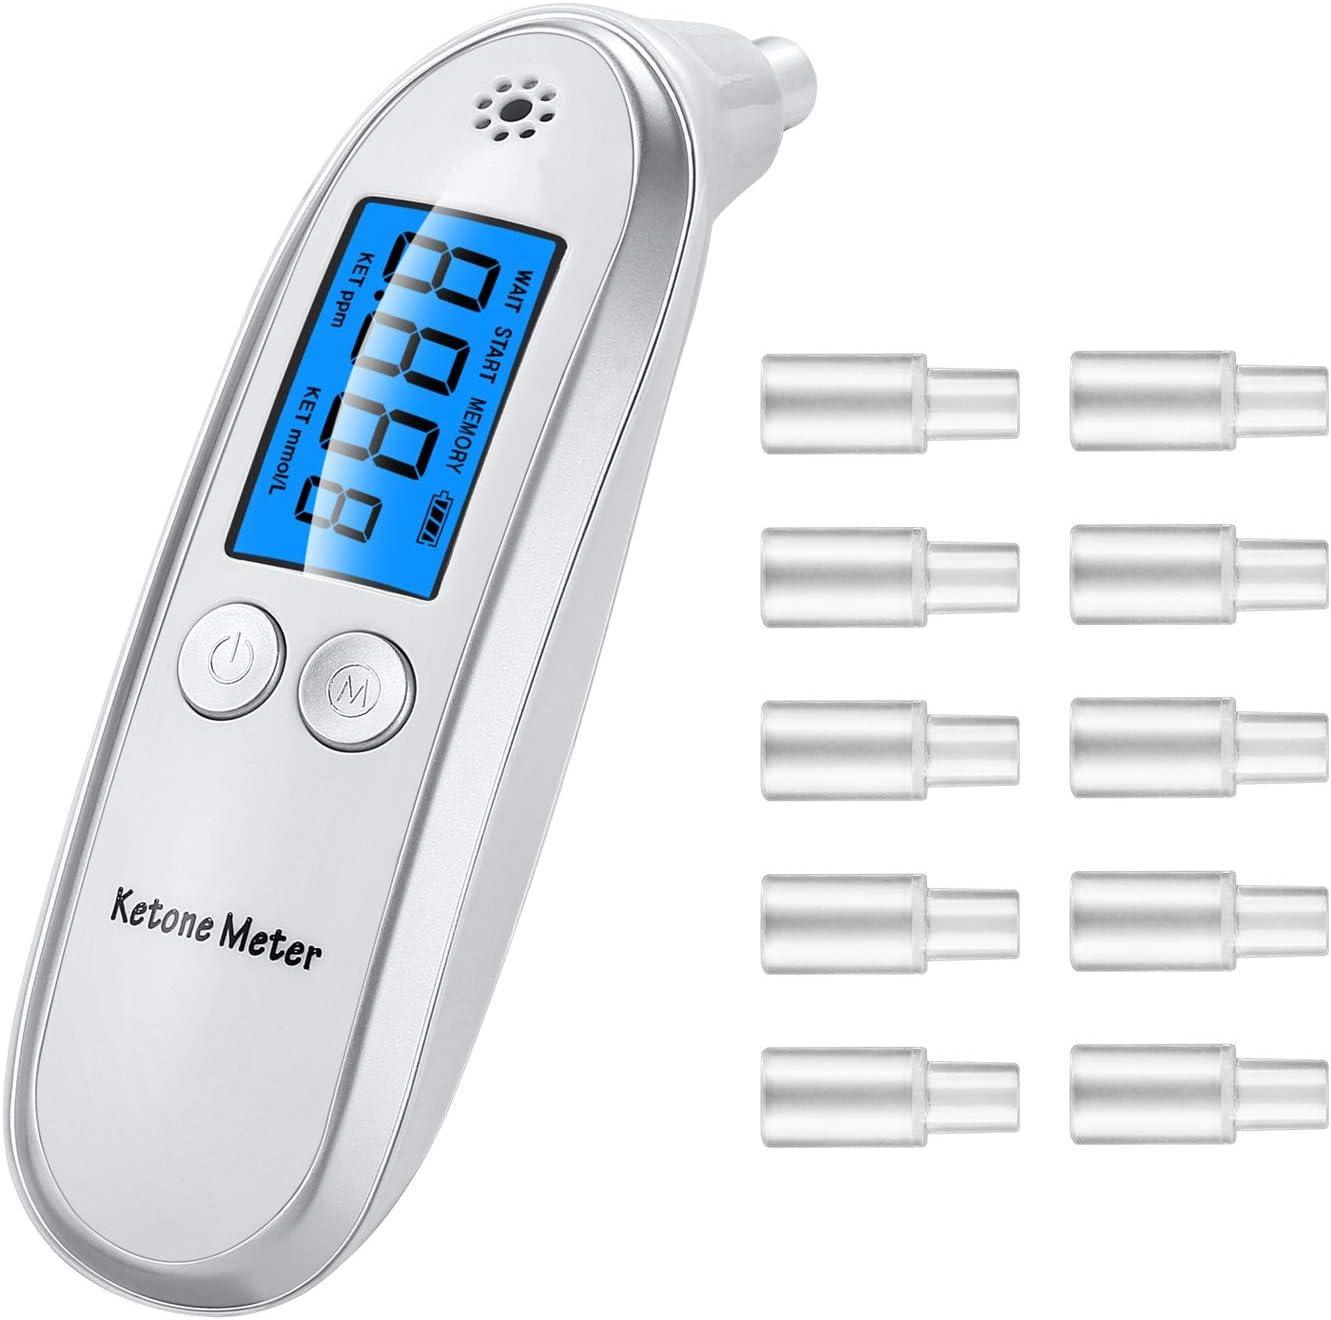 Ketone Meter, Ketone Breath Analyzer with Digital Readings for Dietitian Testing